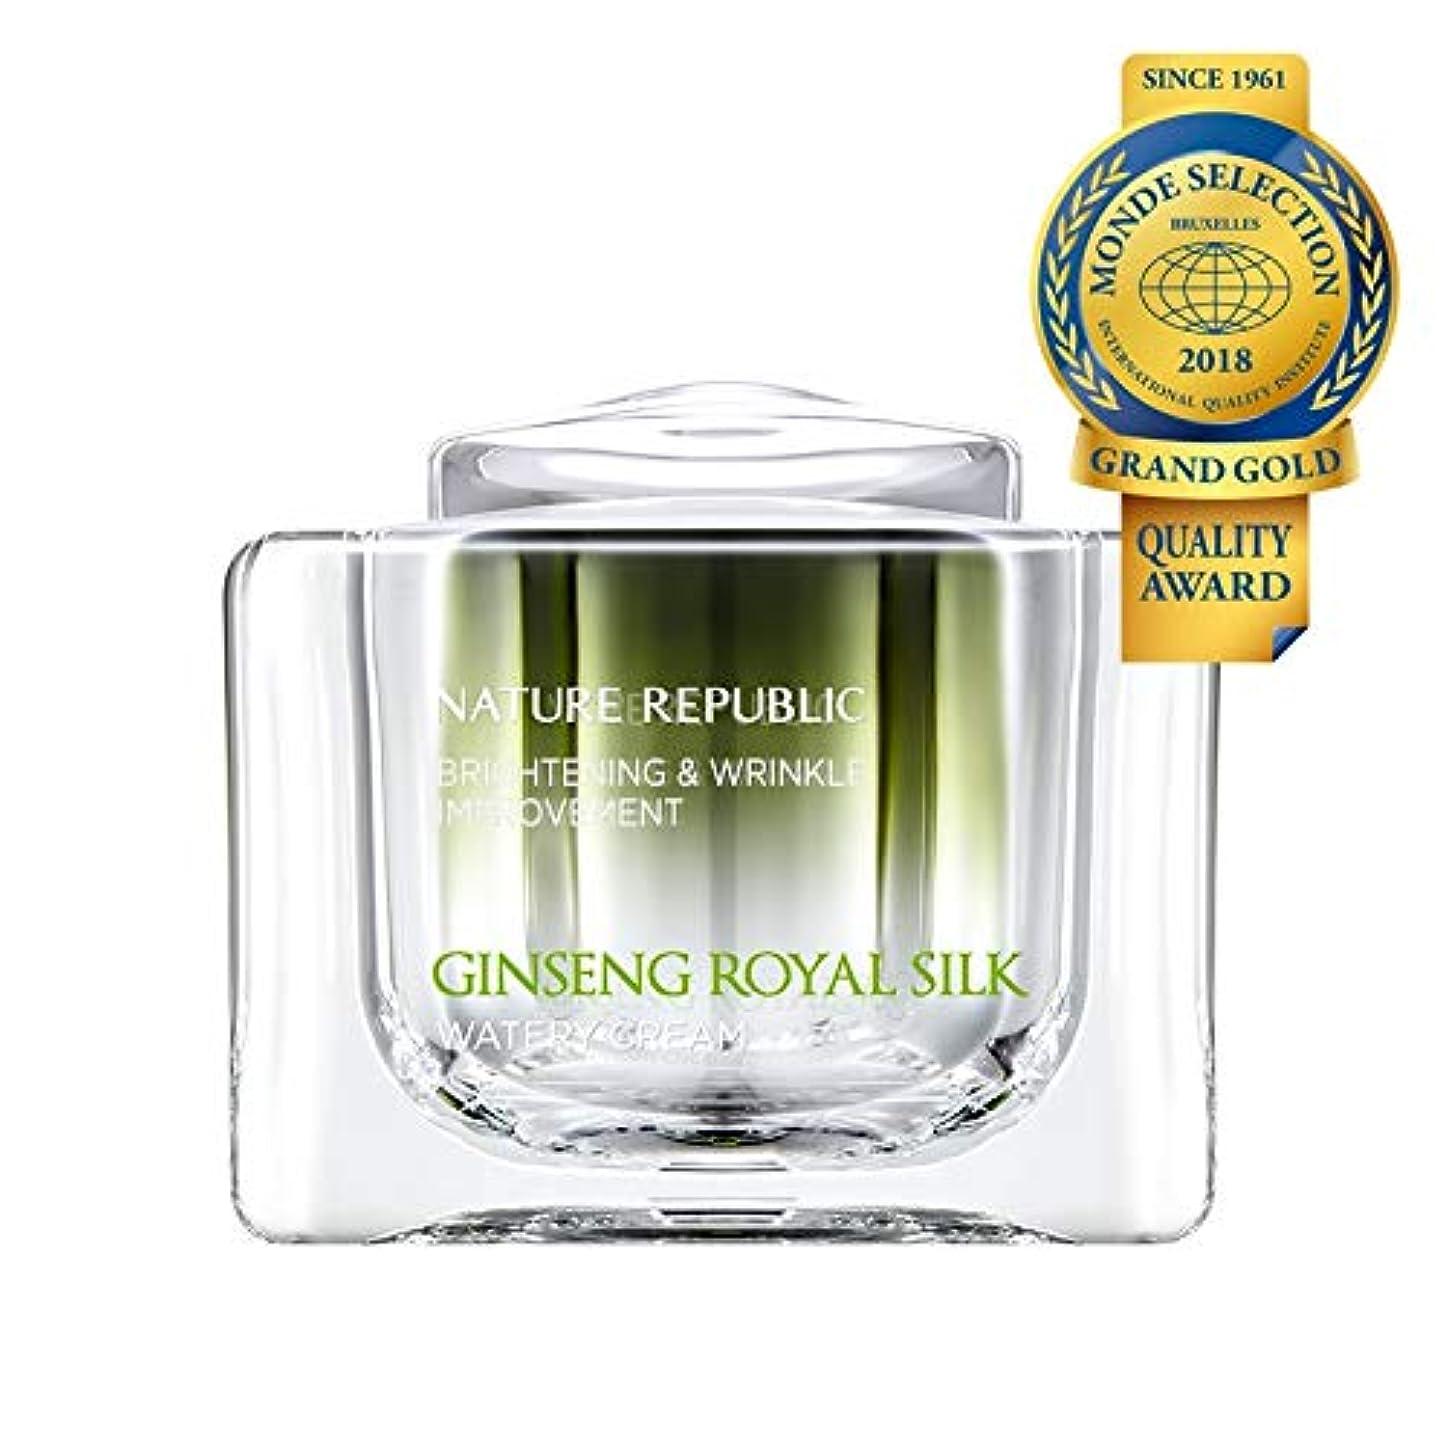 グレートオーク時刻表推論ネイチャーリパブリック(Nature Republic)ジンセンロイヤルシルクウォーターリークリーム 60g / Ginseng Royal Silk Watery Cream 60g :: 韓国コスメ [並行輸入品]